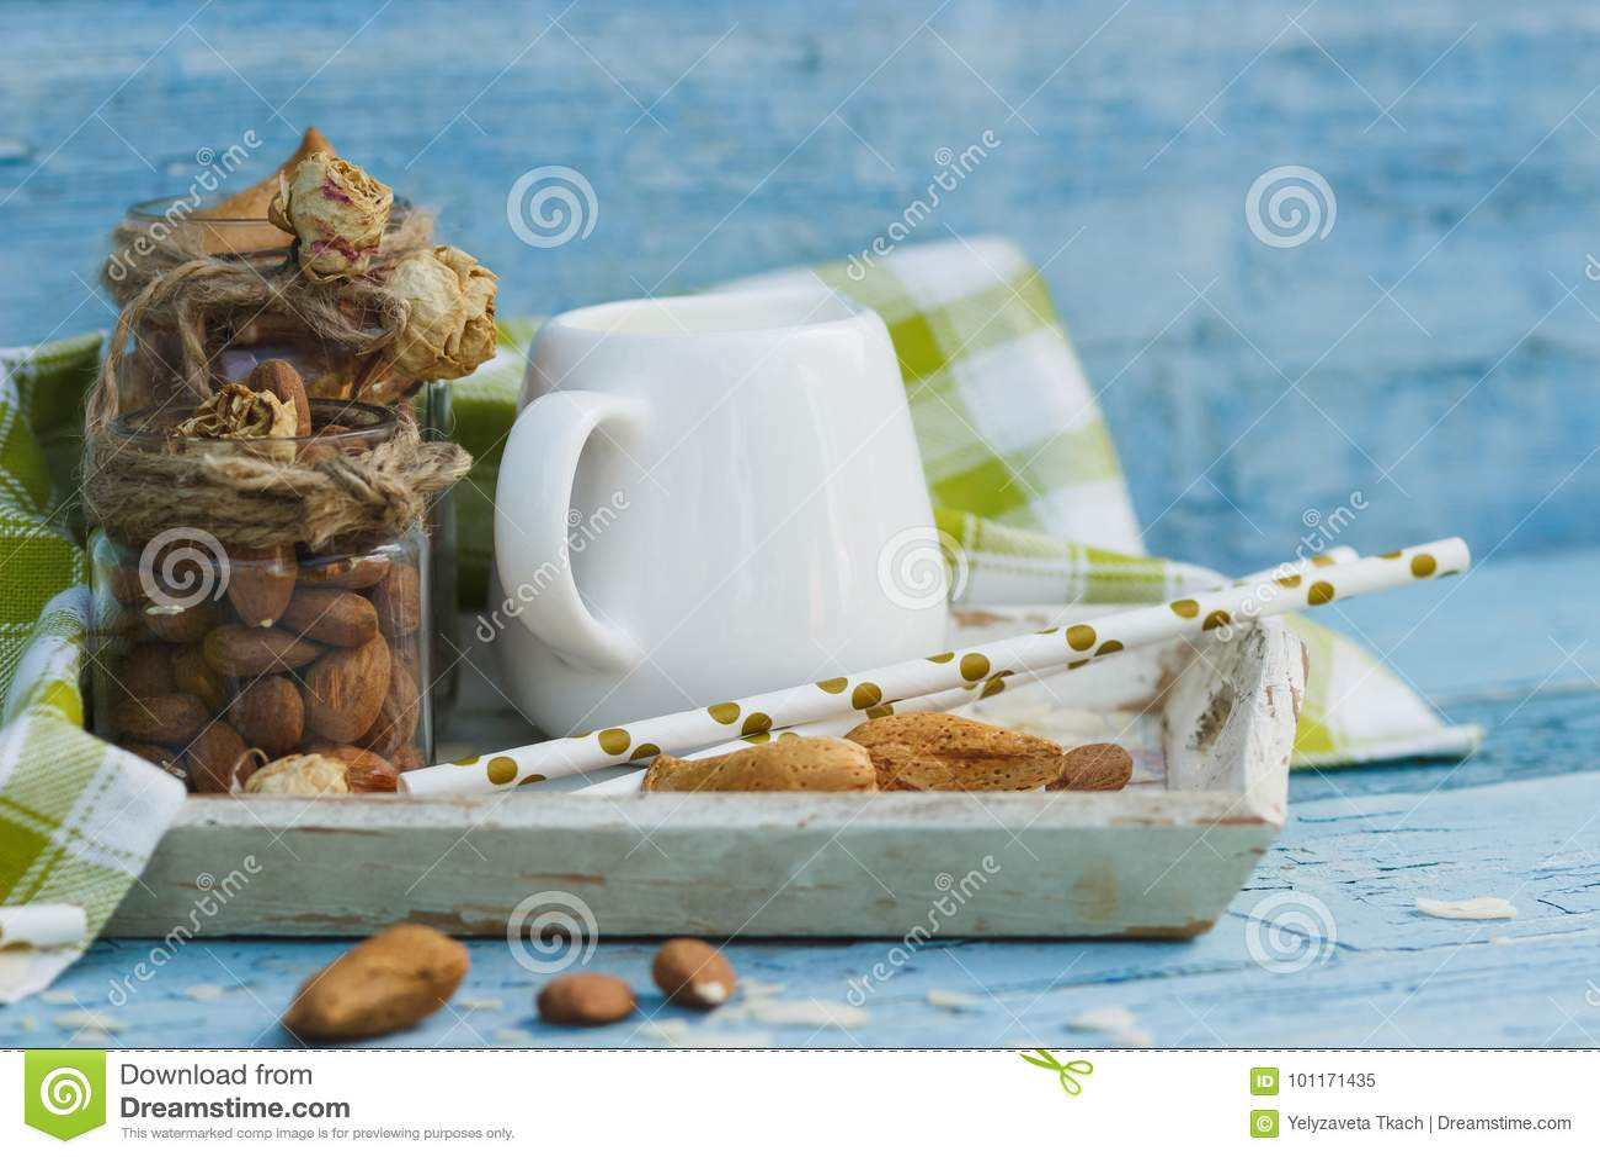 Vassoi In Legno Con Vetro : Mandorle in vetro barattolo con latte sul vassoio di legno e tubi